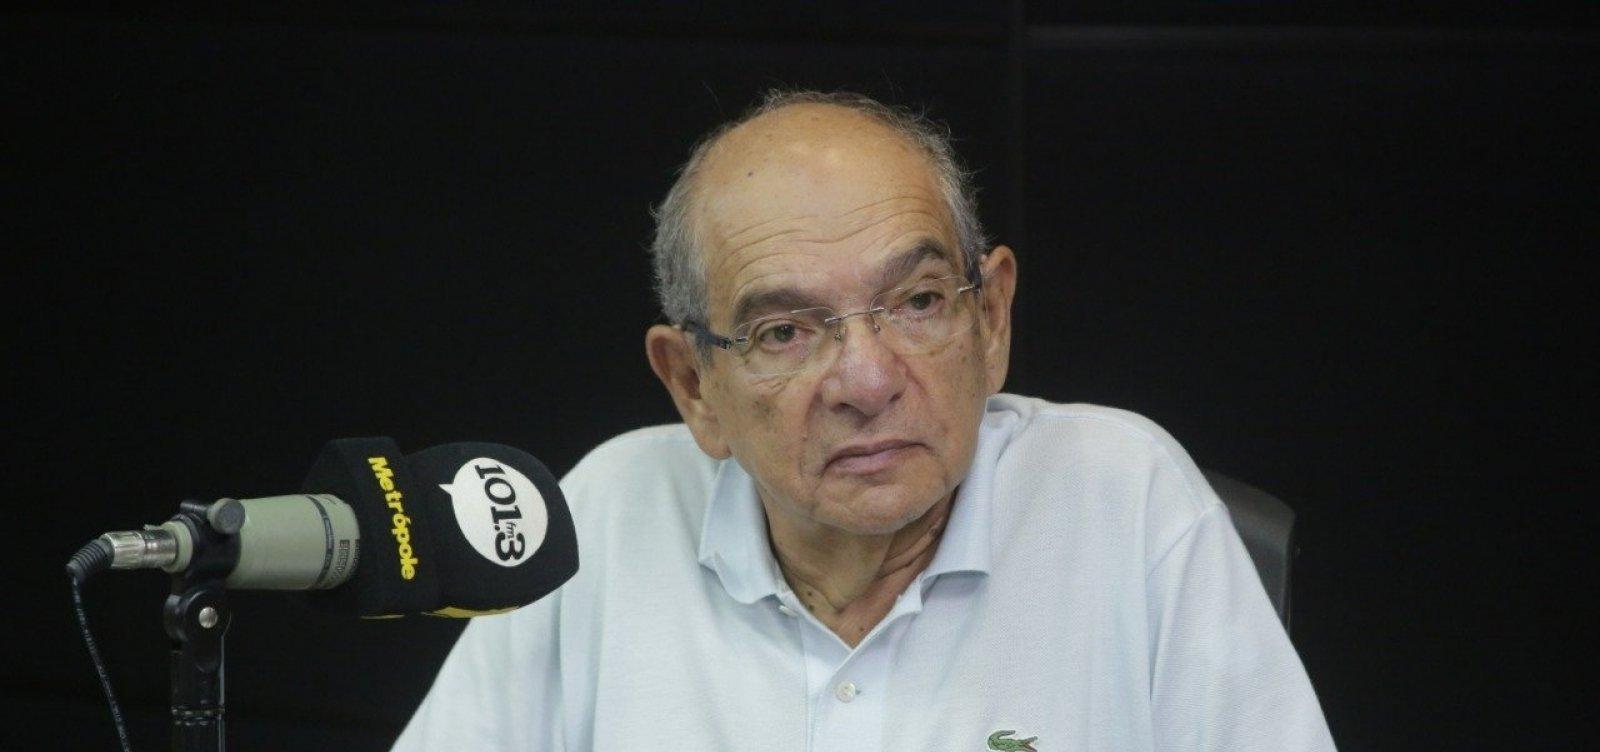 MK critica 'falta de modos' de Bolsonaro: 'Não aprendeu nada no Exército'; ouça